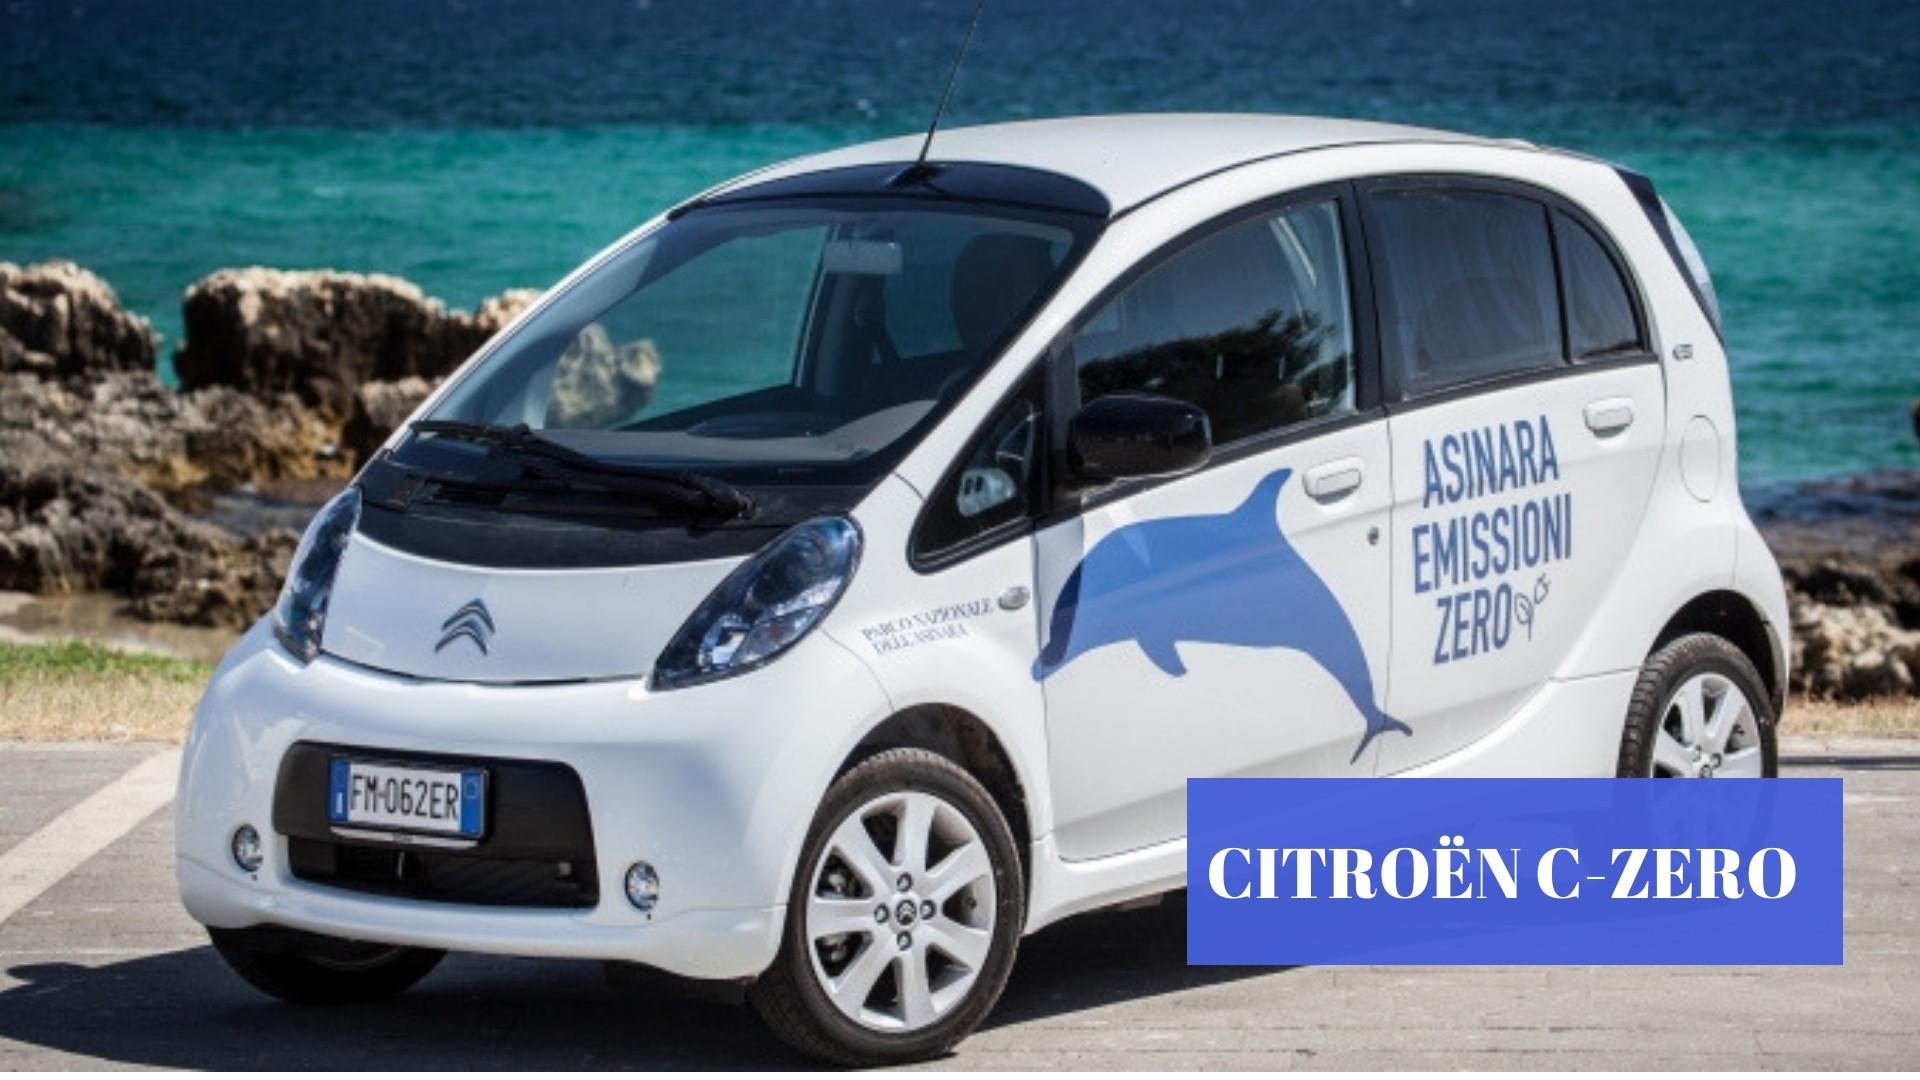 """Quattro Citroën C-Zero per """"Asinara a emissioni zero"""""""